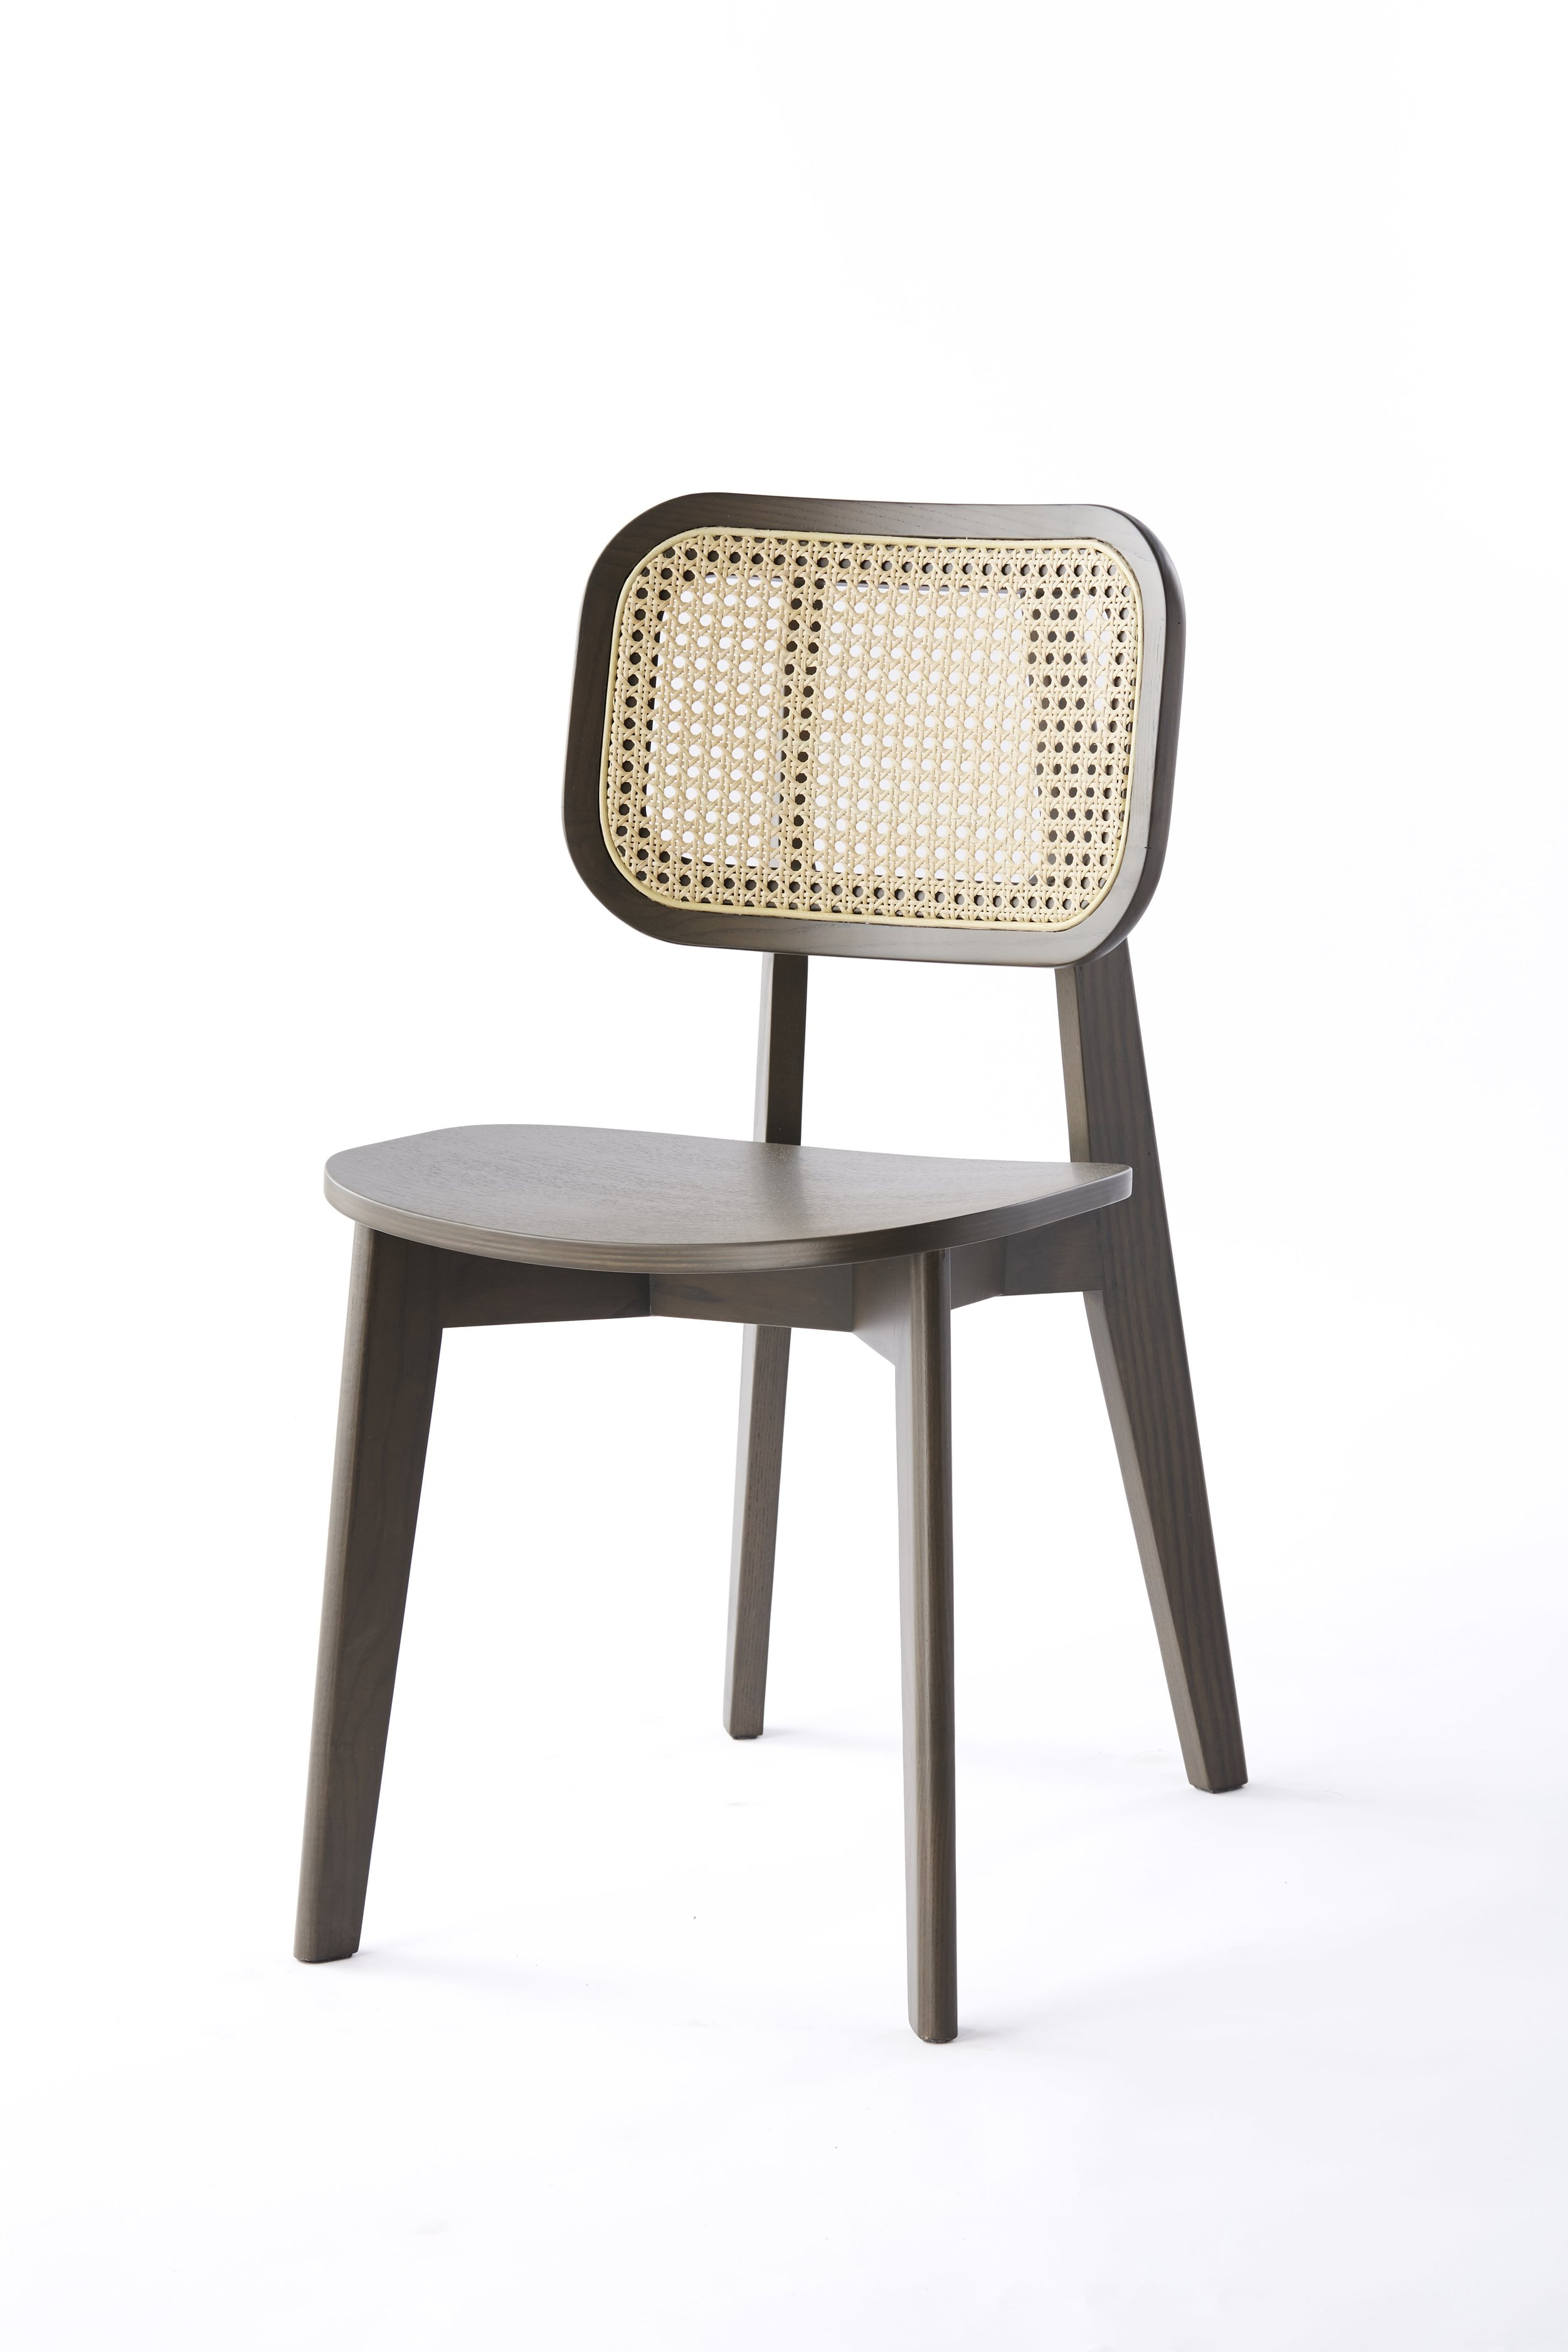 Cane Chair - 01